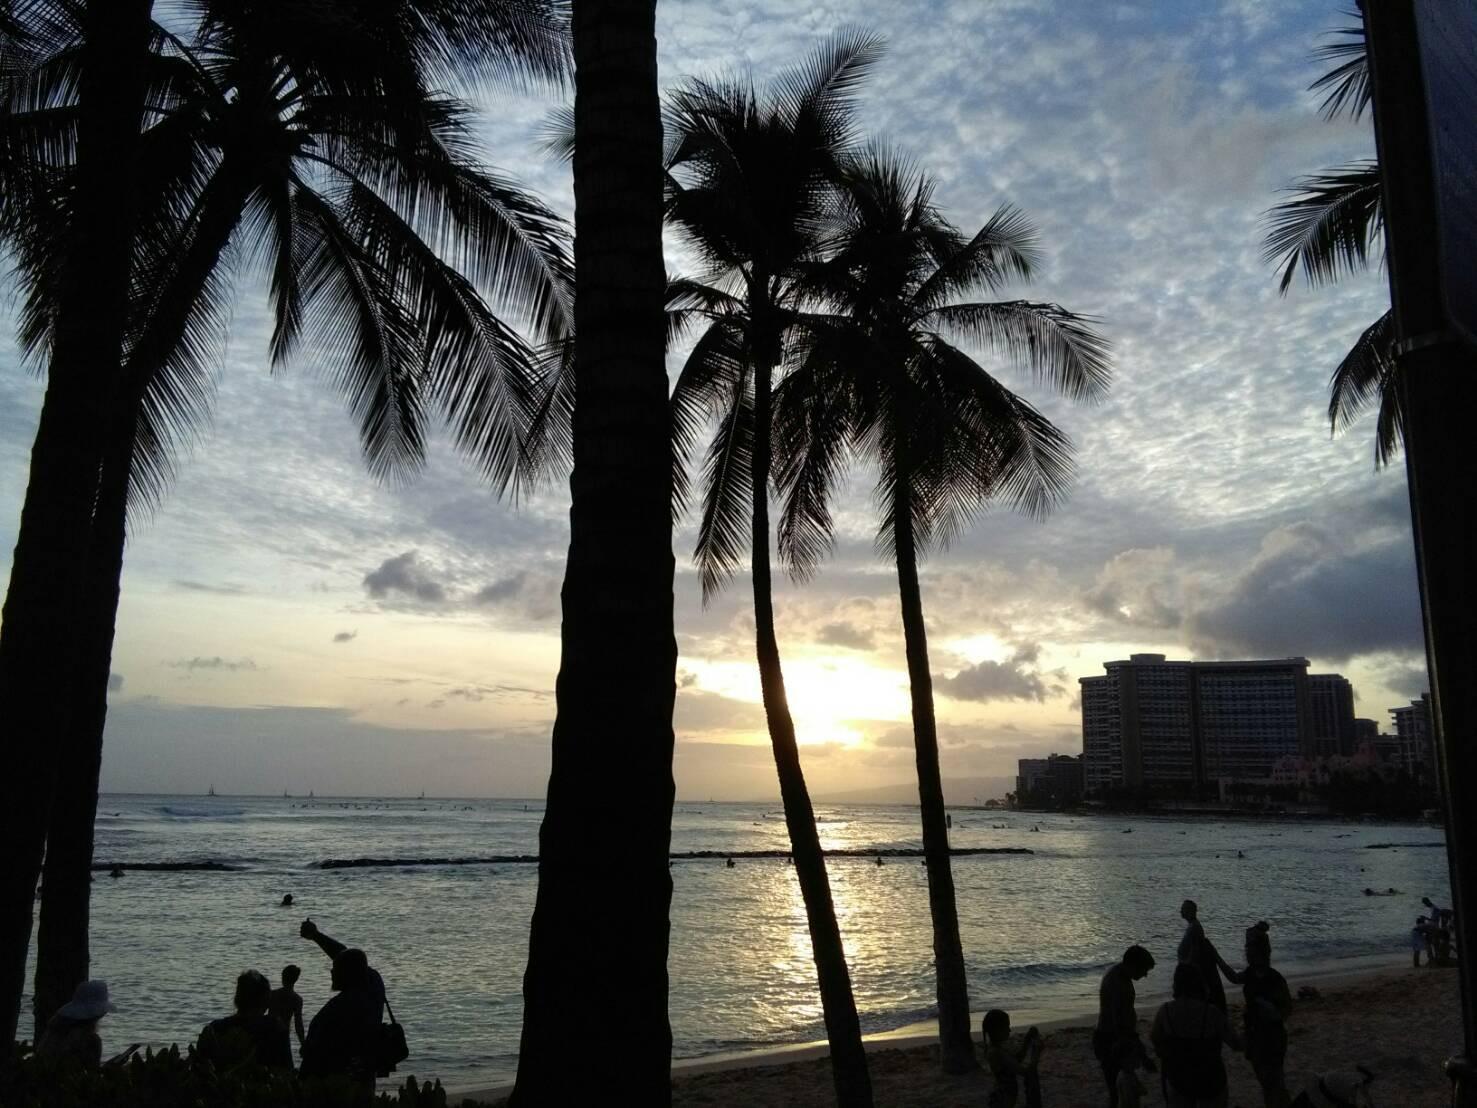 【ハワイ旅紀行】緊急事態とハワイのサンセット